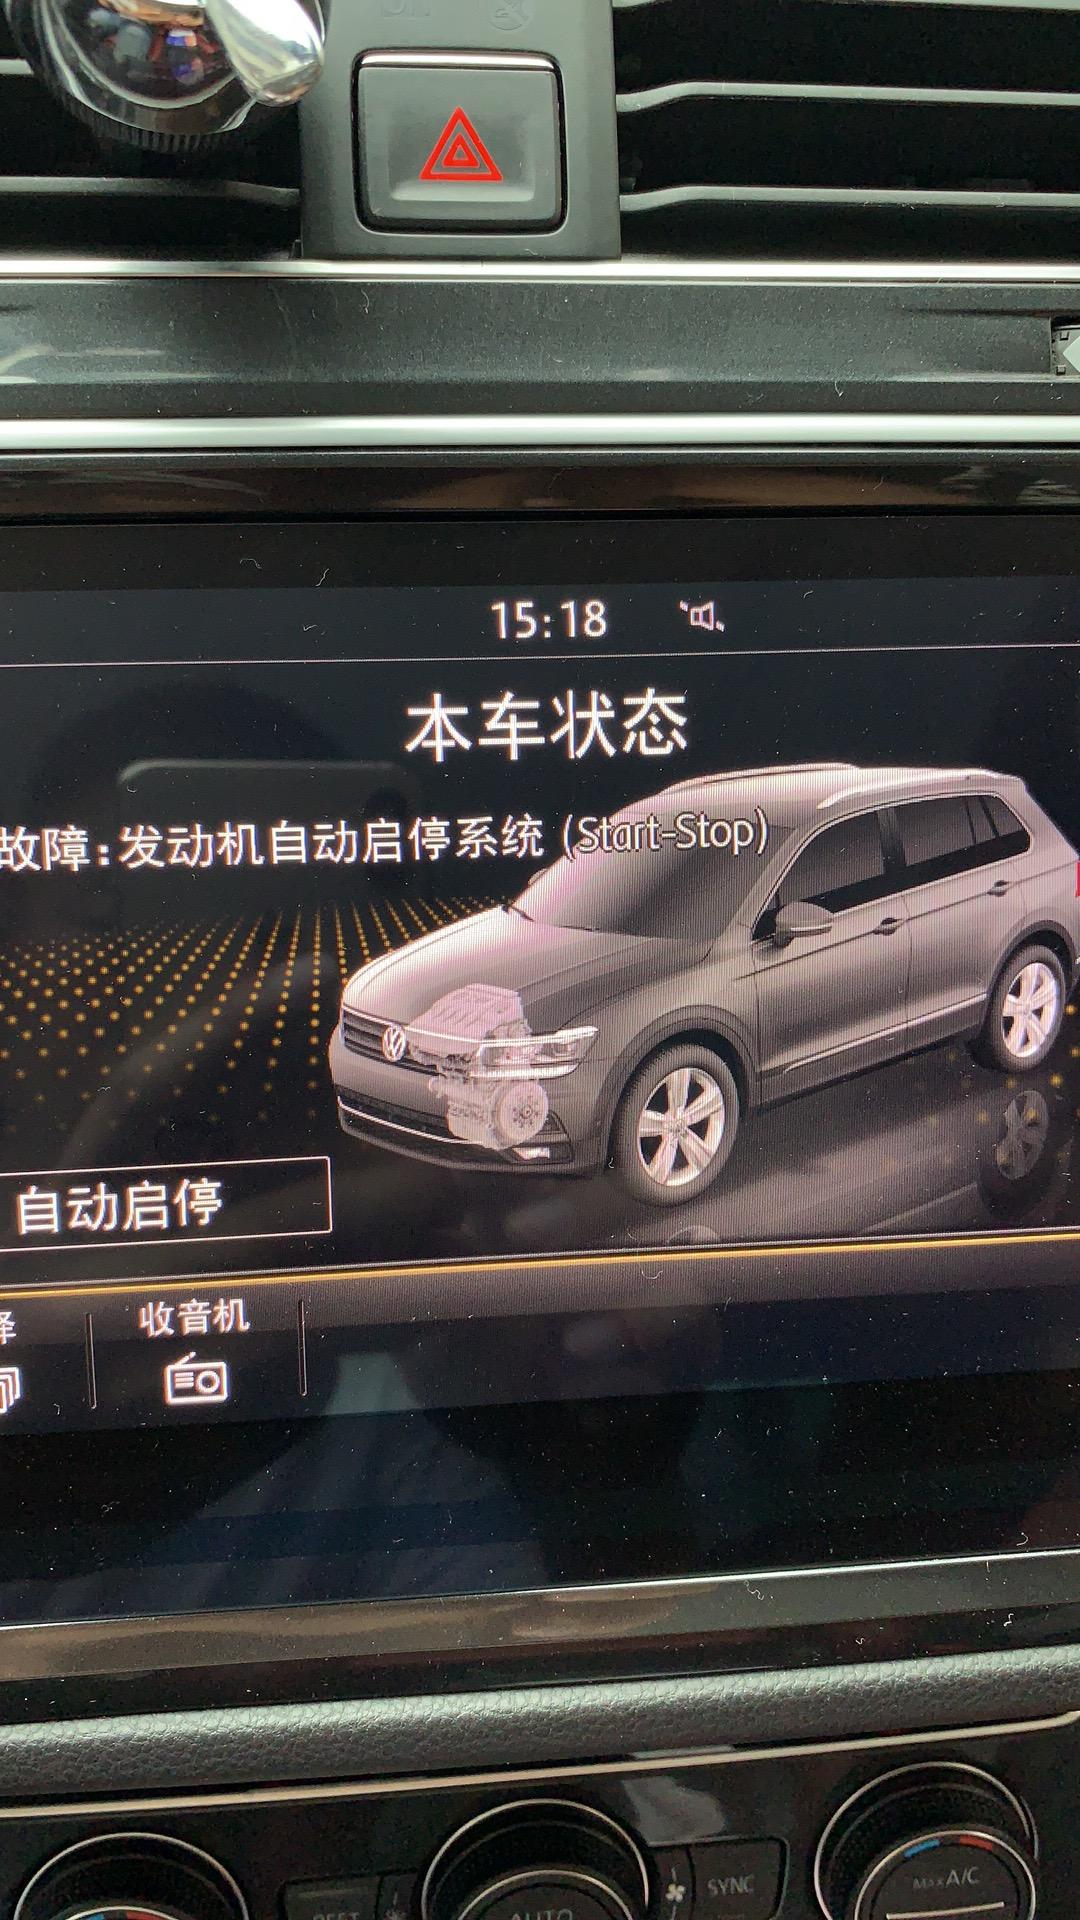 一年的车,三万公里,节气门质量不合格导致坏掉。